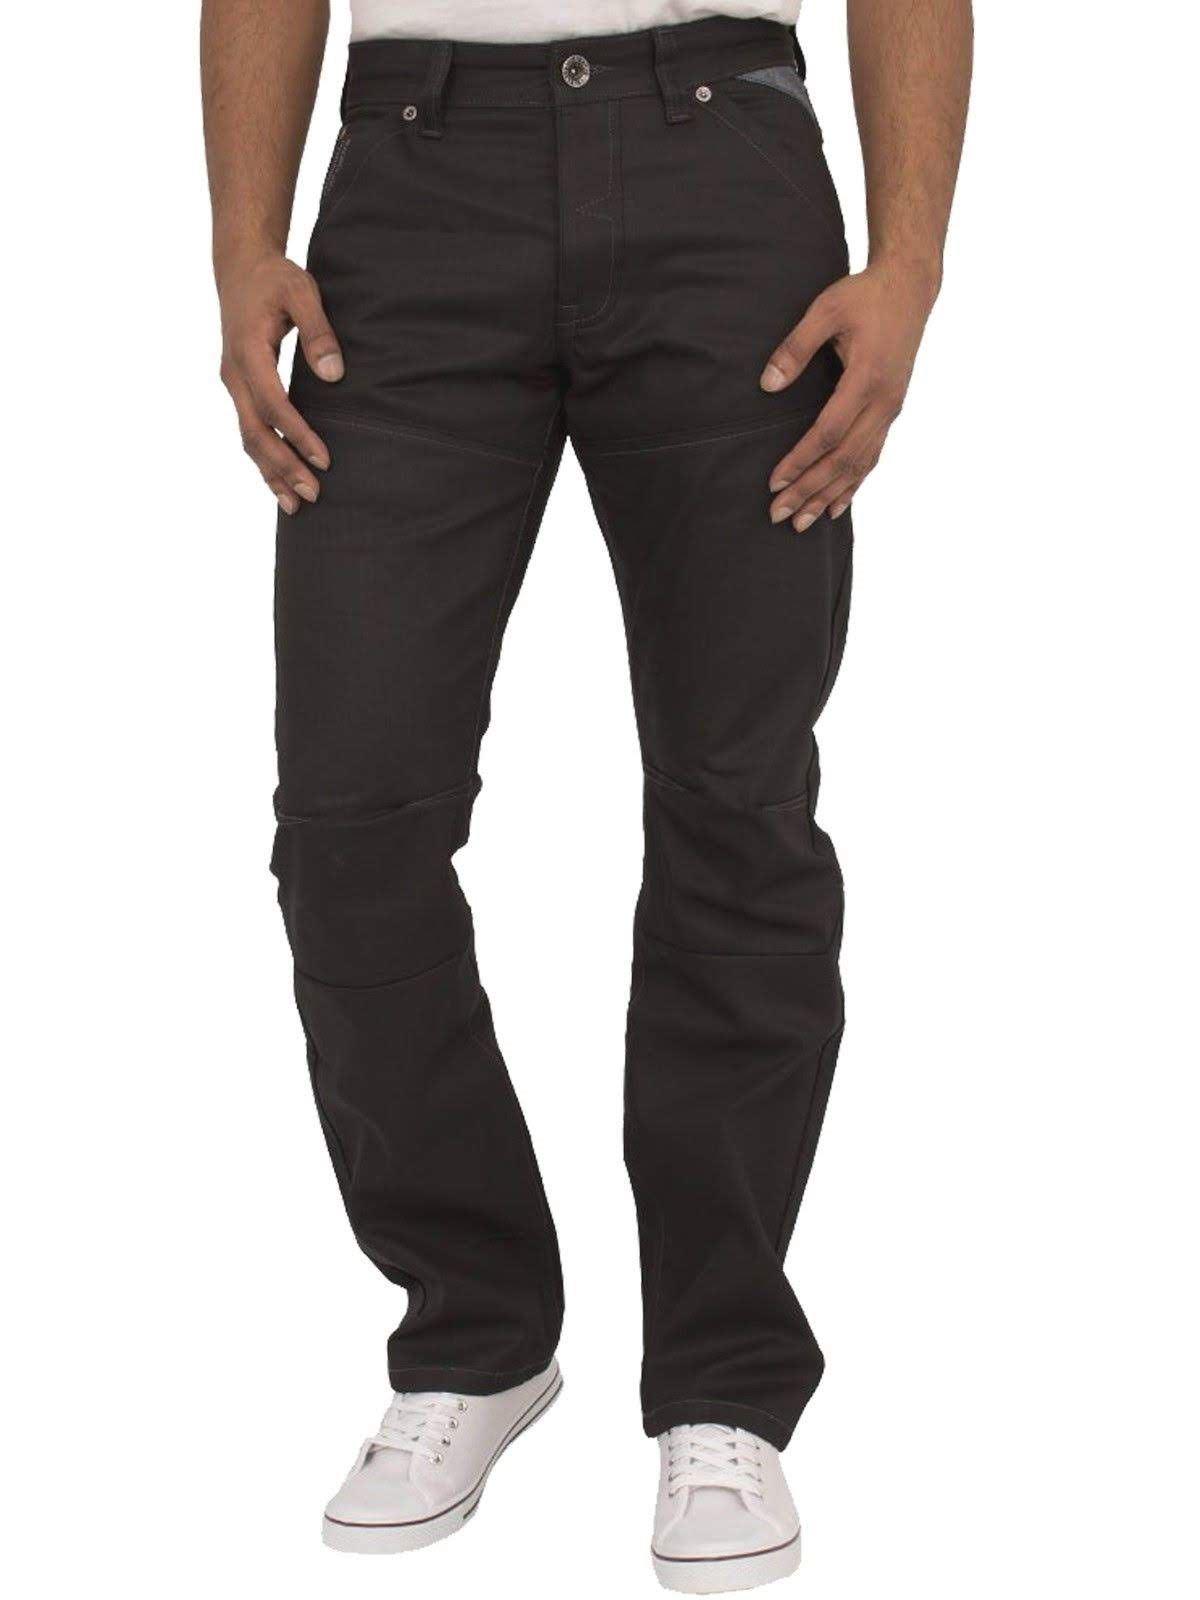 New Mens Enzo Straight Leg Jeans Designer Regular Fit Denim Trousers Pants